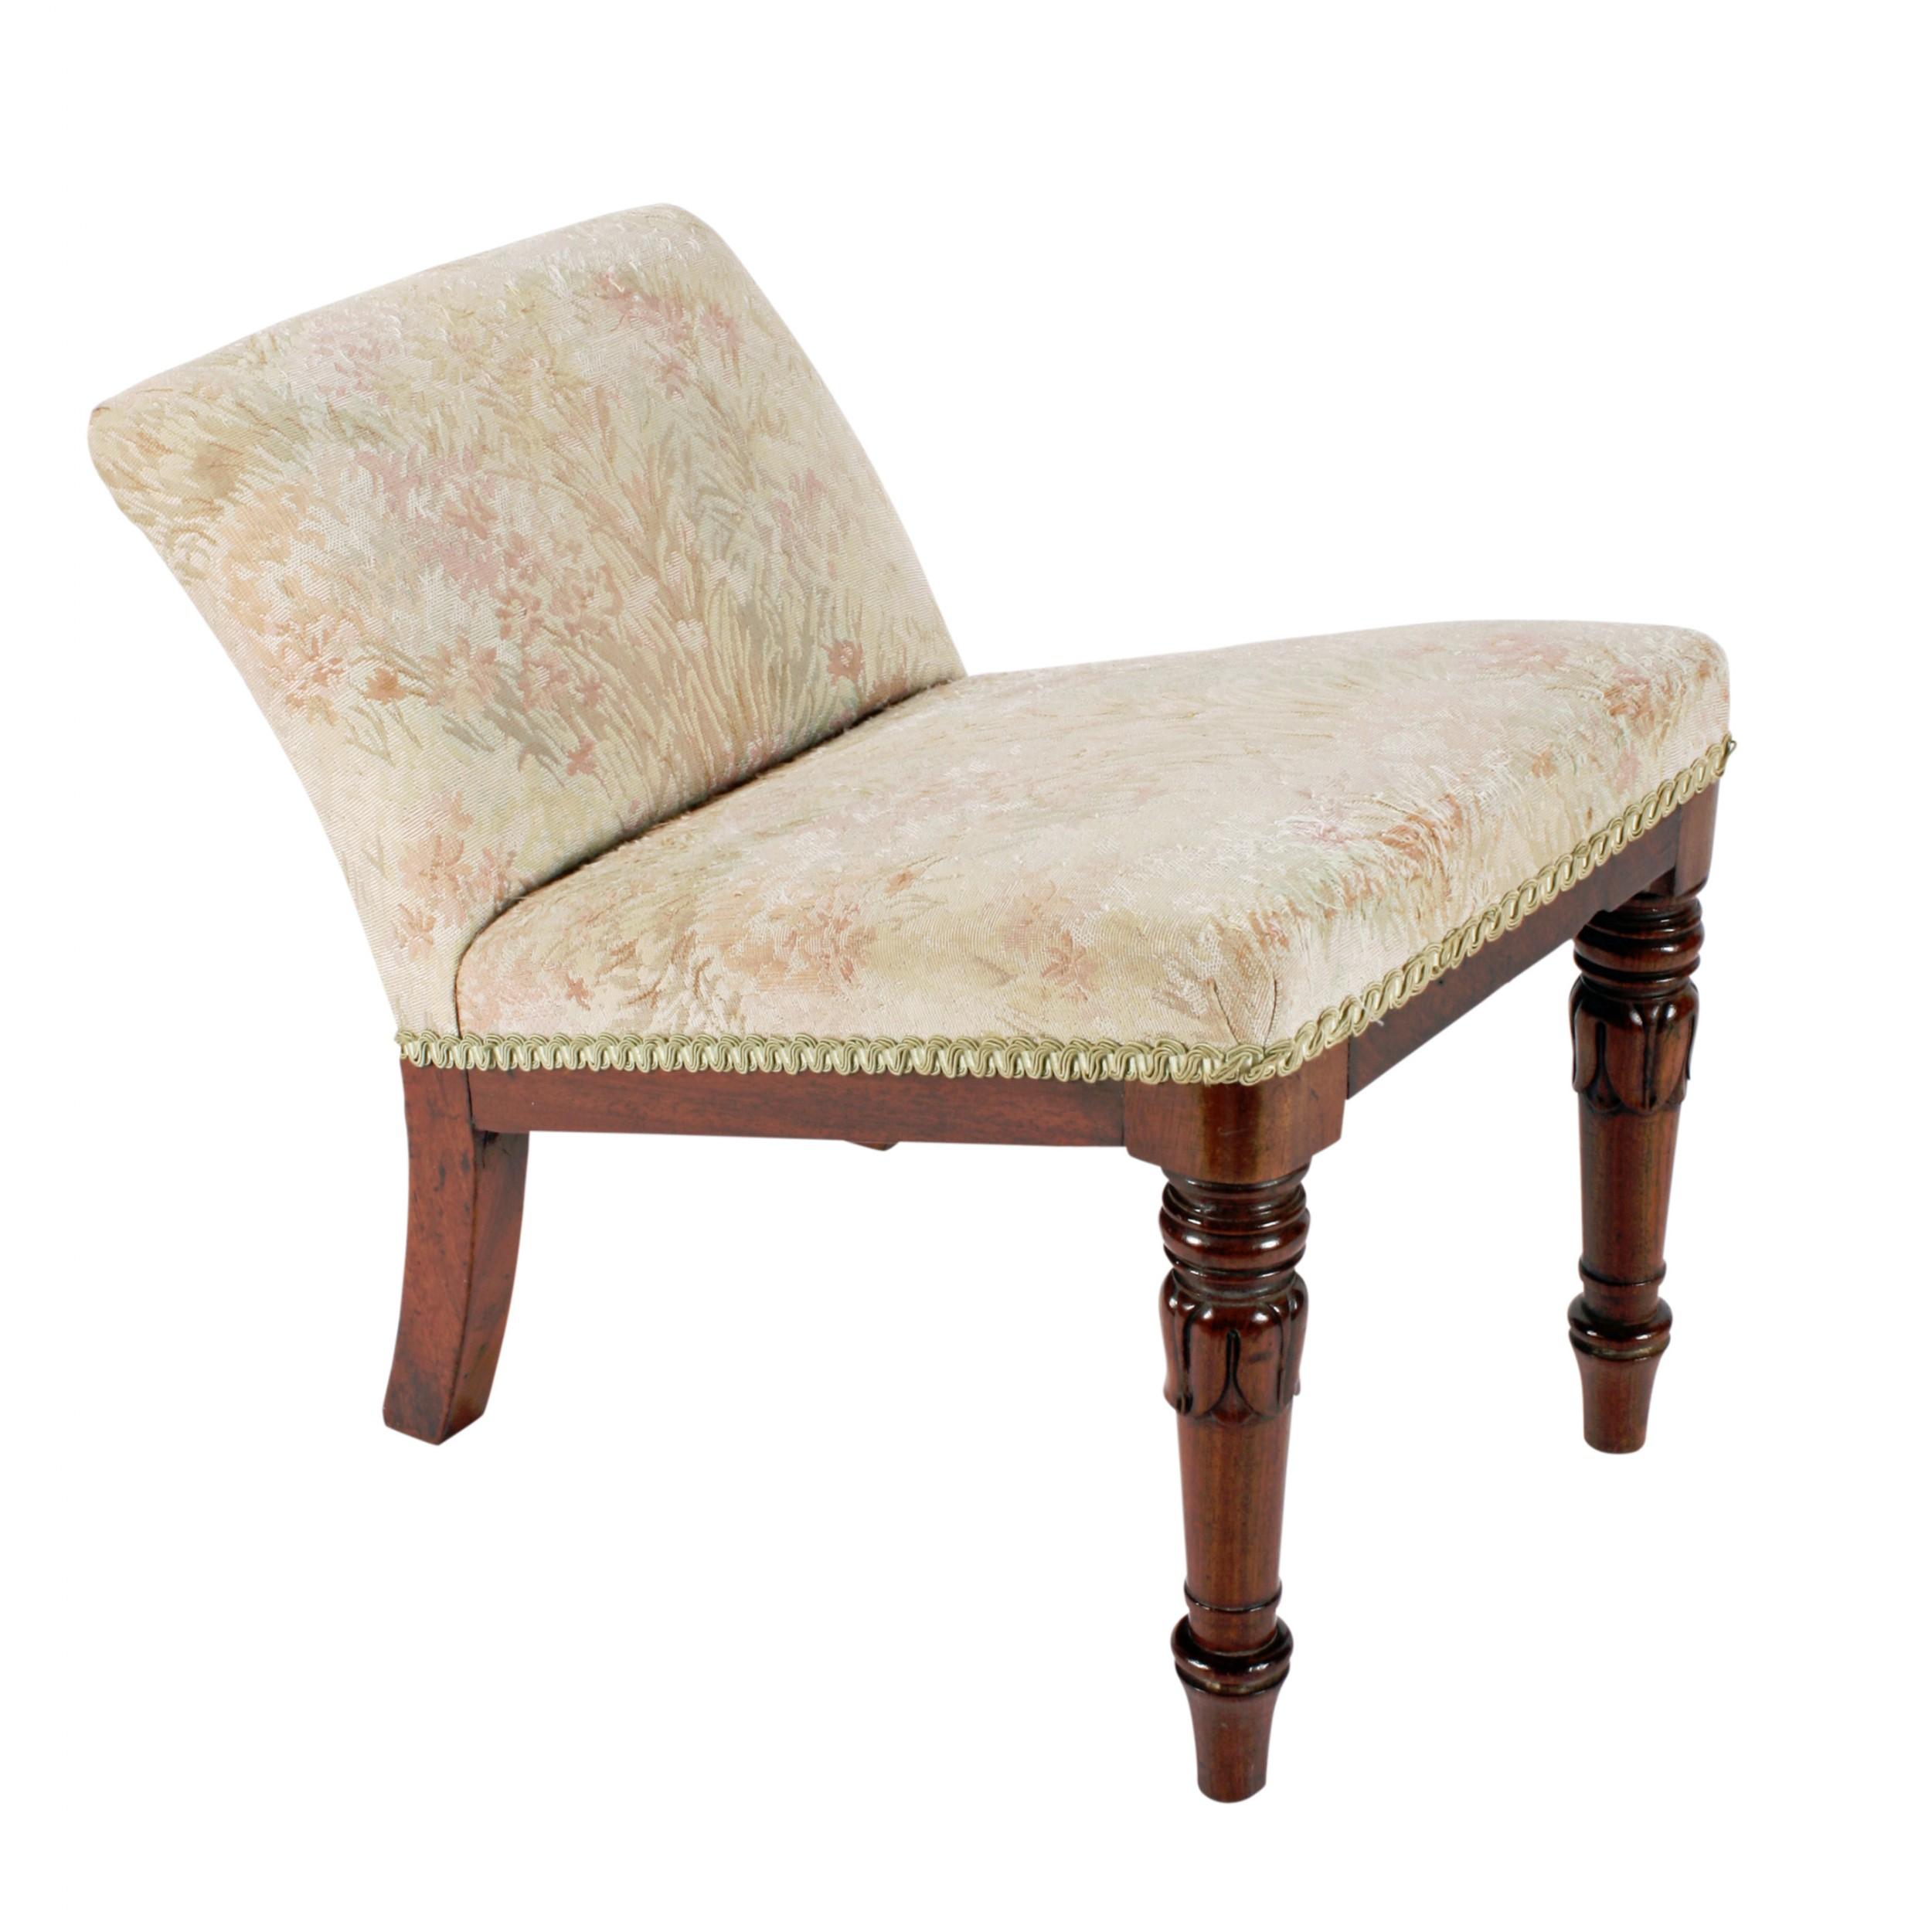 georgian mahogany gout stool